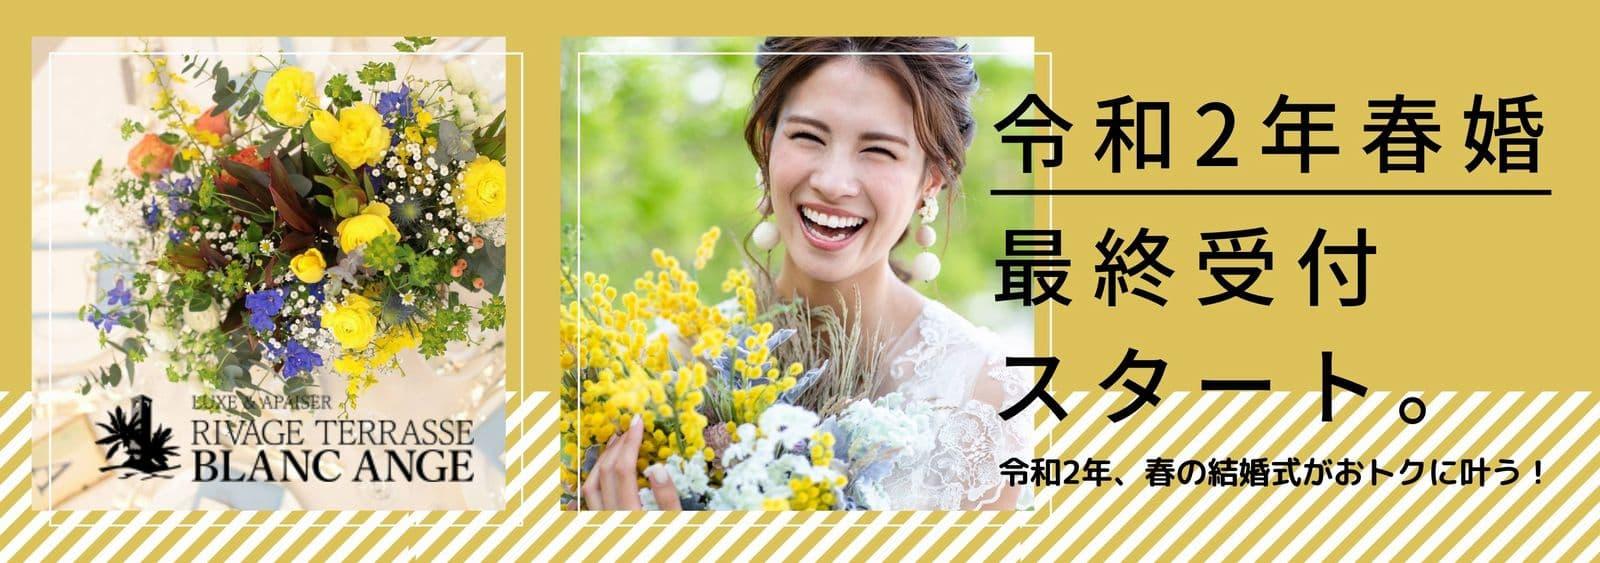 徳島市の結婚式場ブランアンジュの春婚応援ウエディングプラン